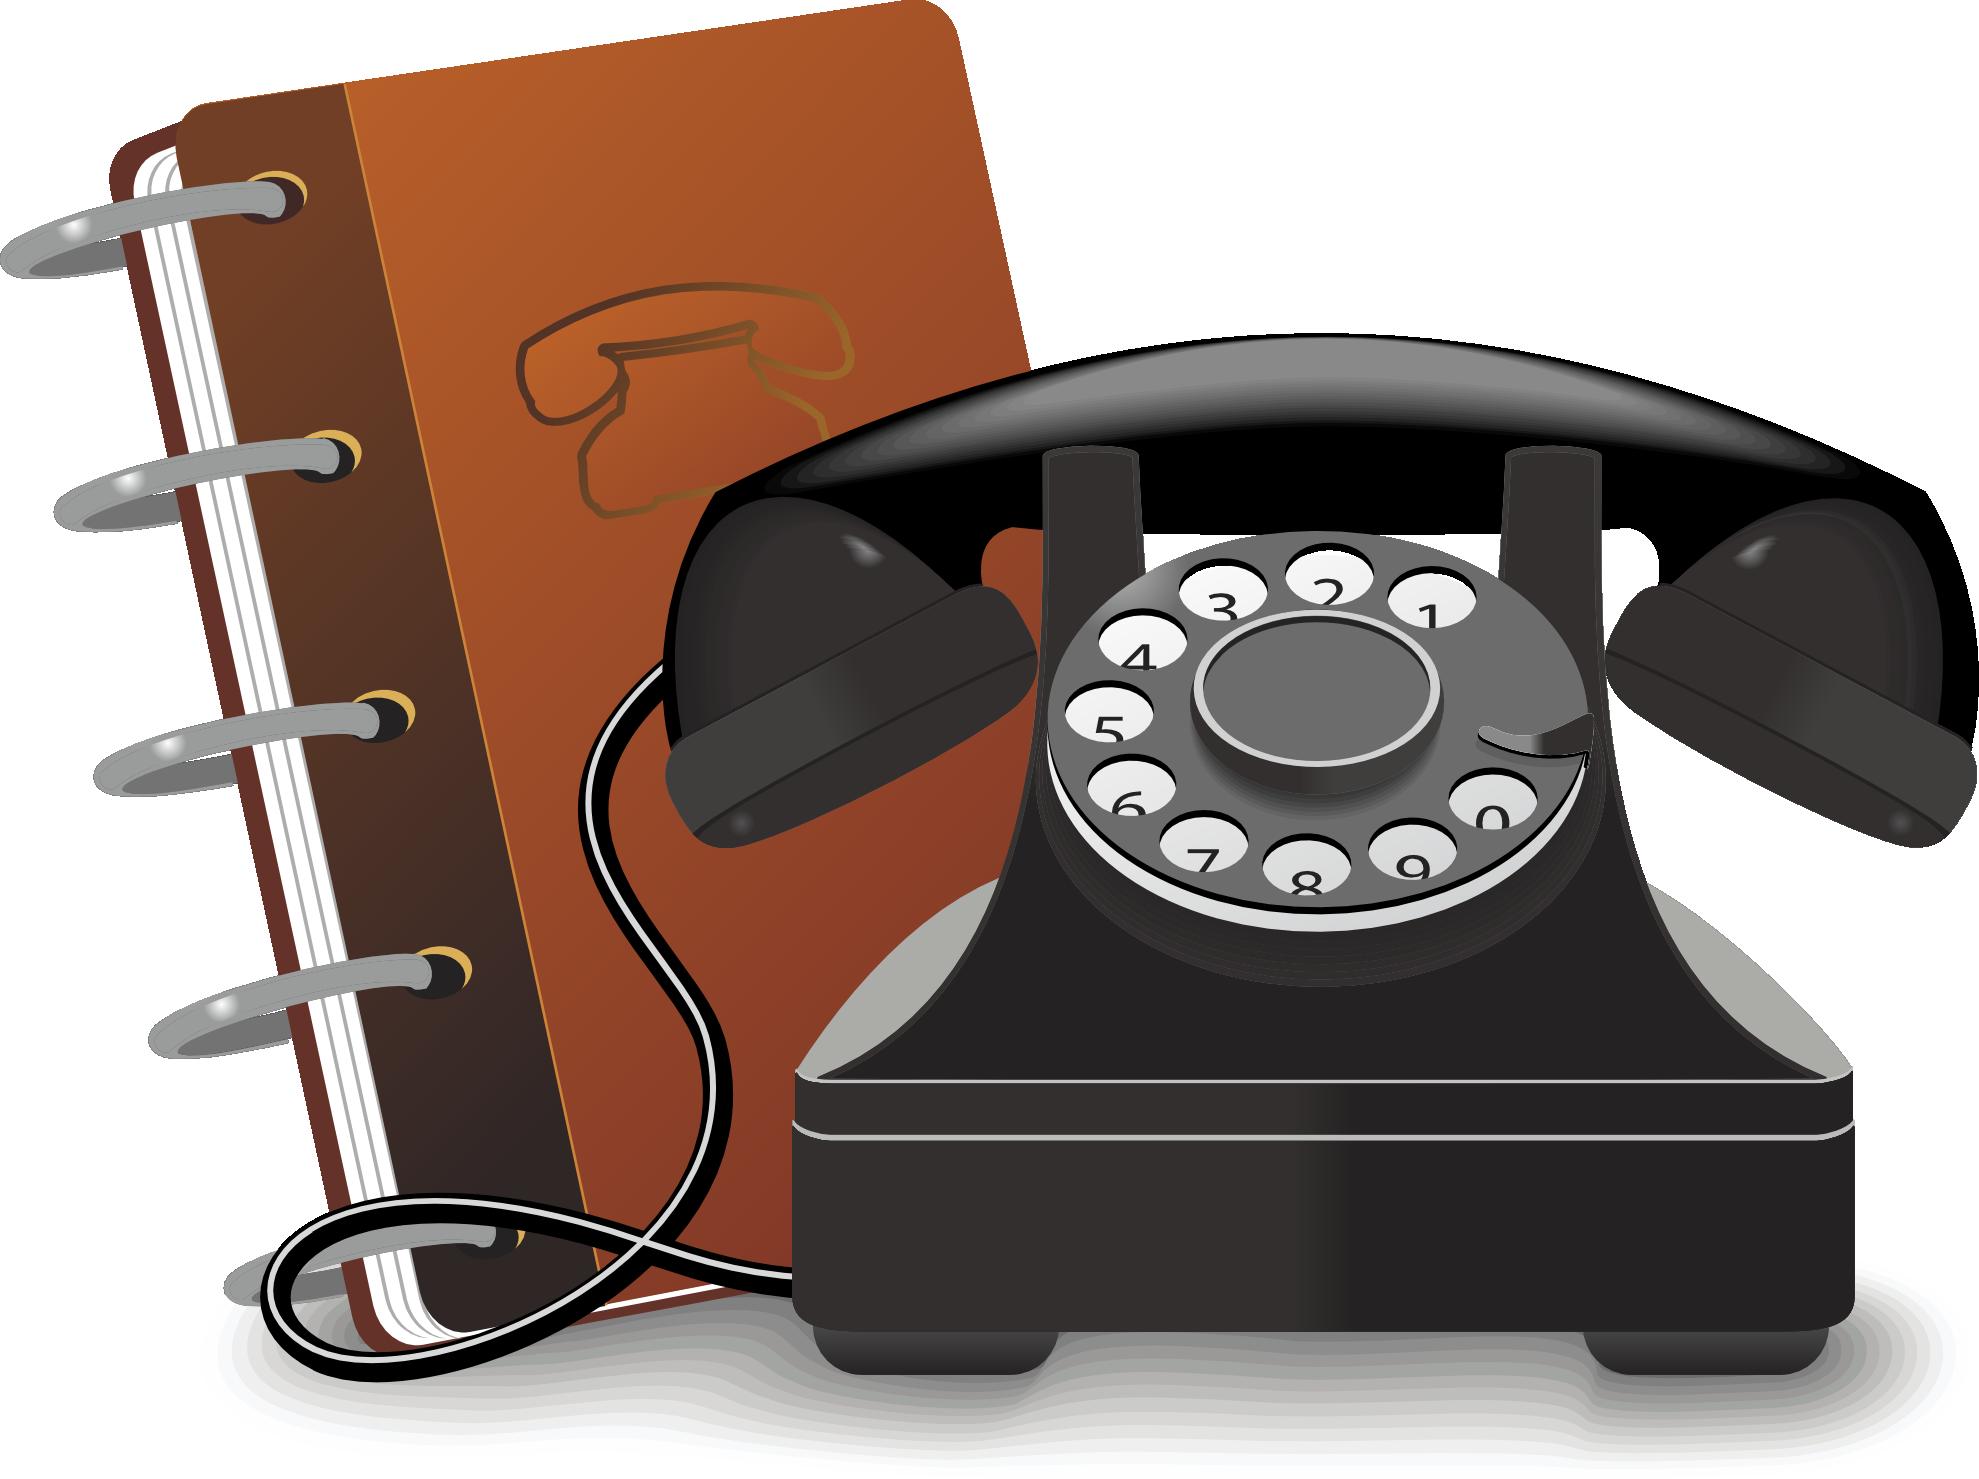 Картинки на контакты в телефоне